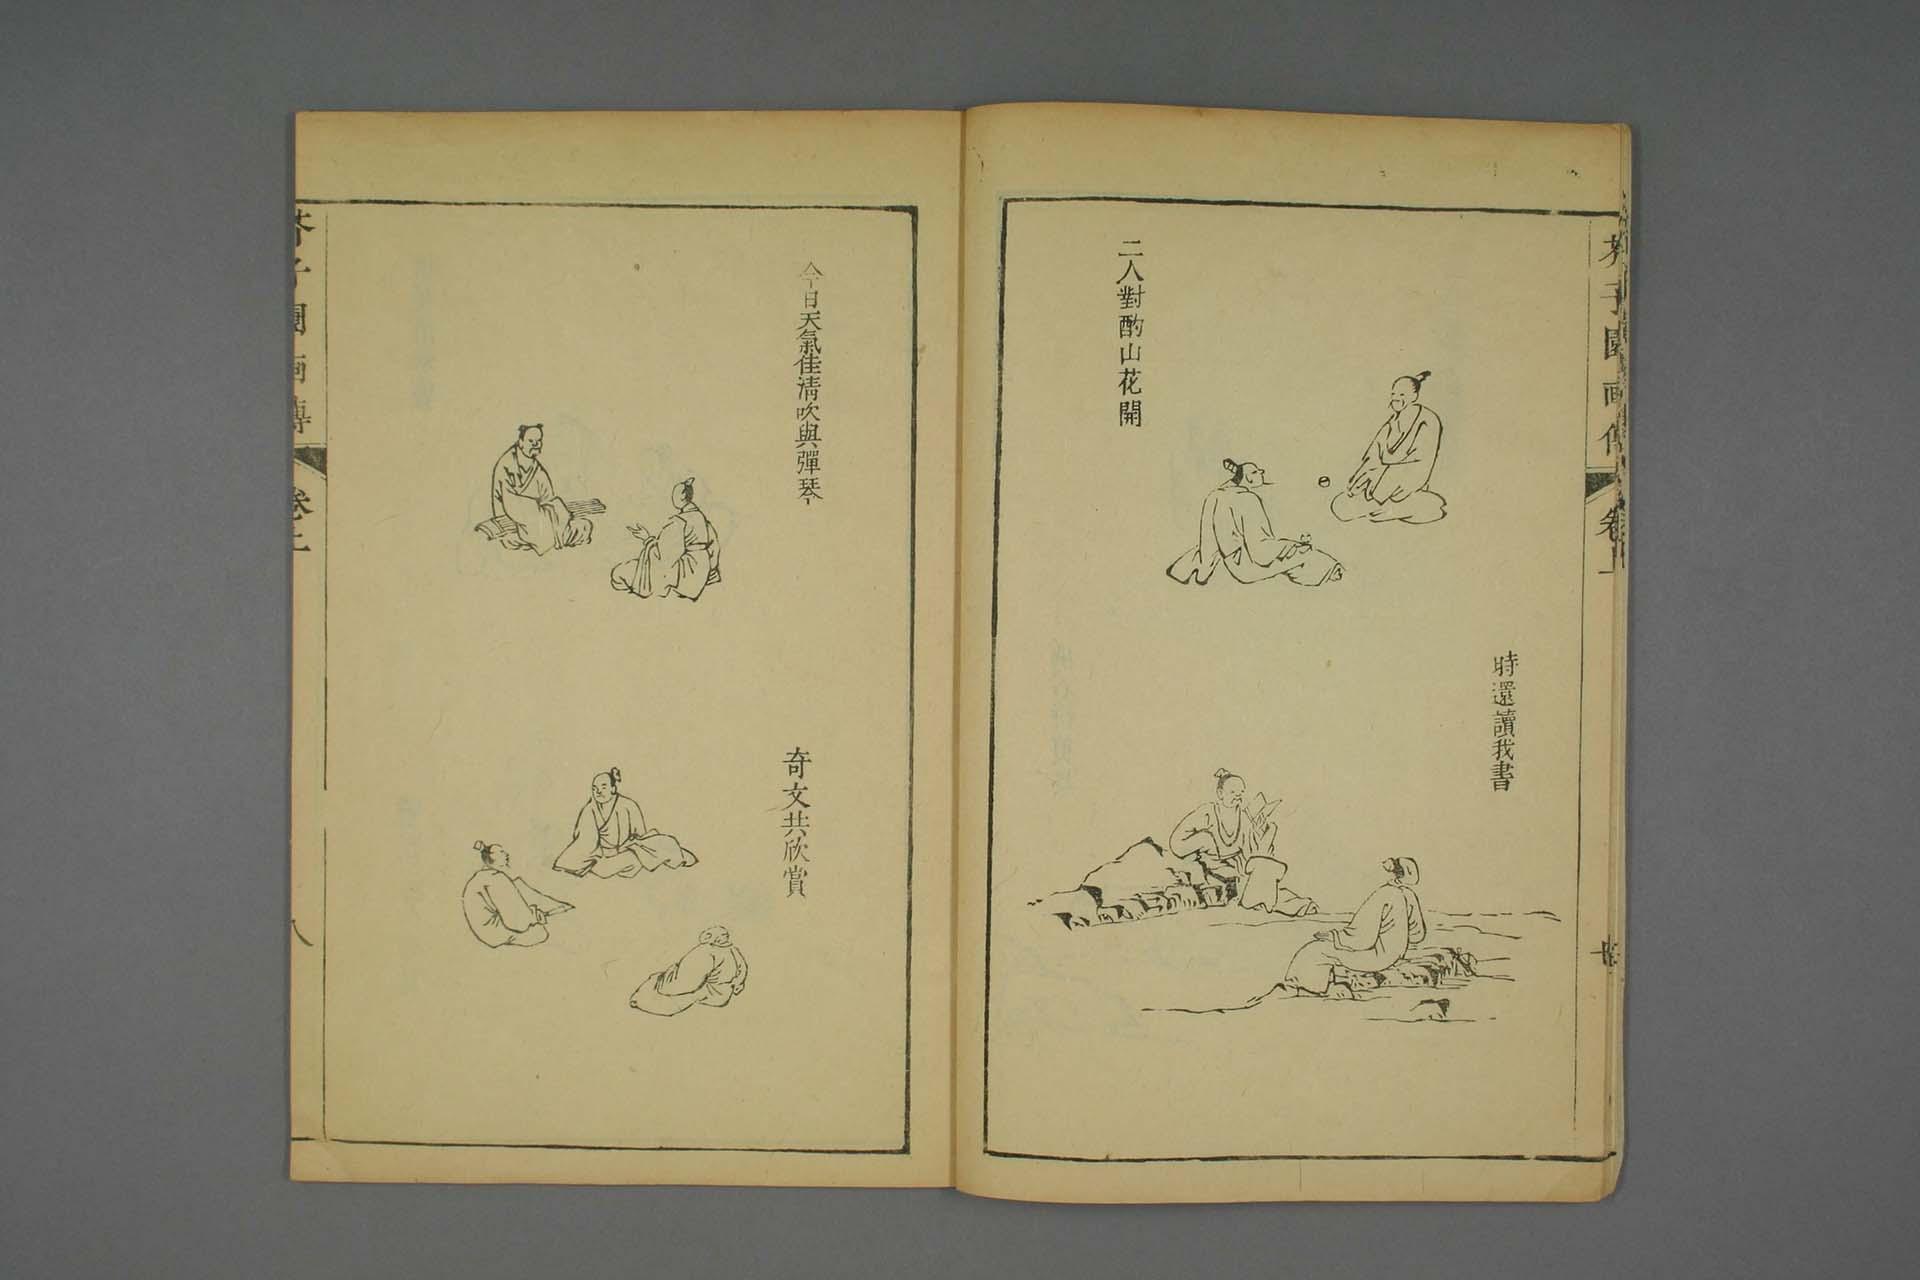 芥子园画谱 康熙刻本全集-刻本-14